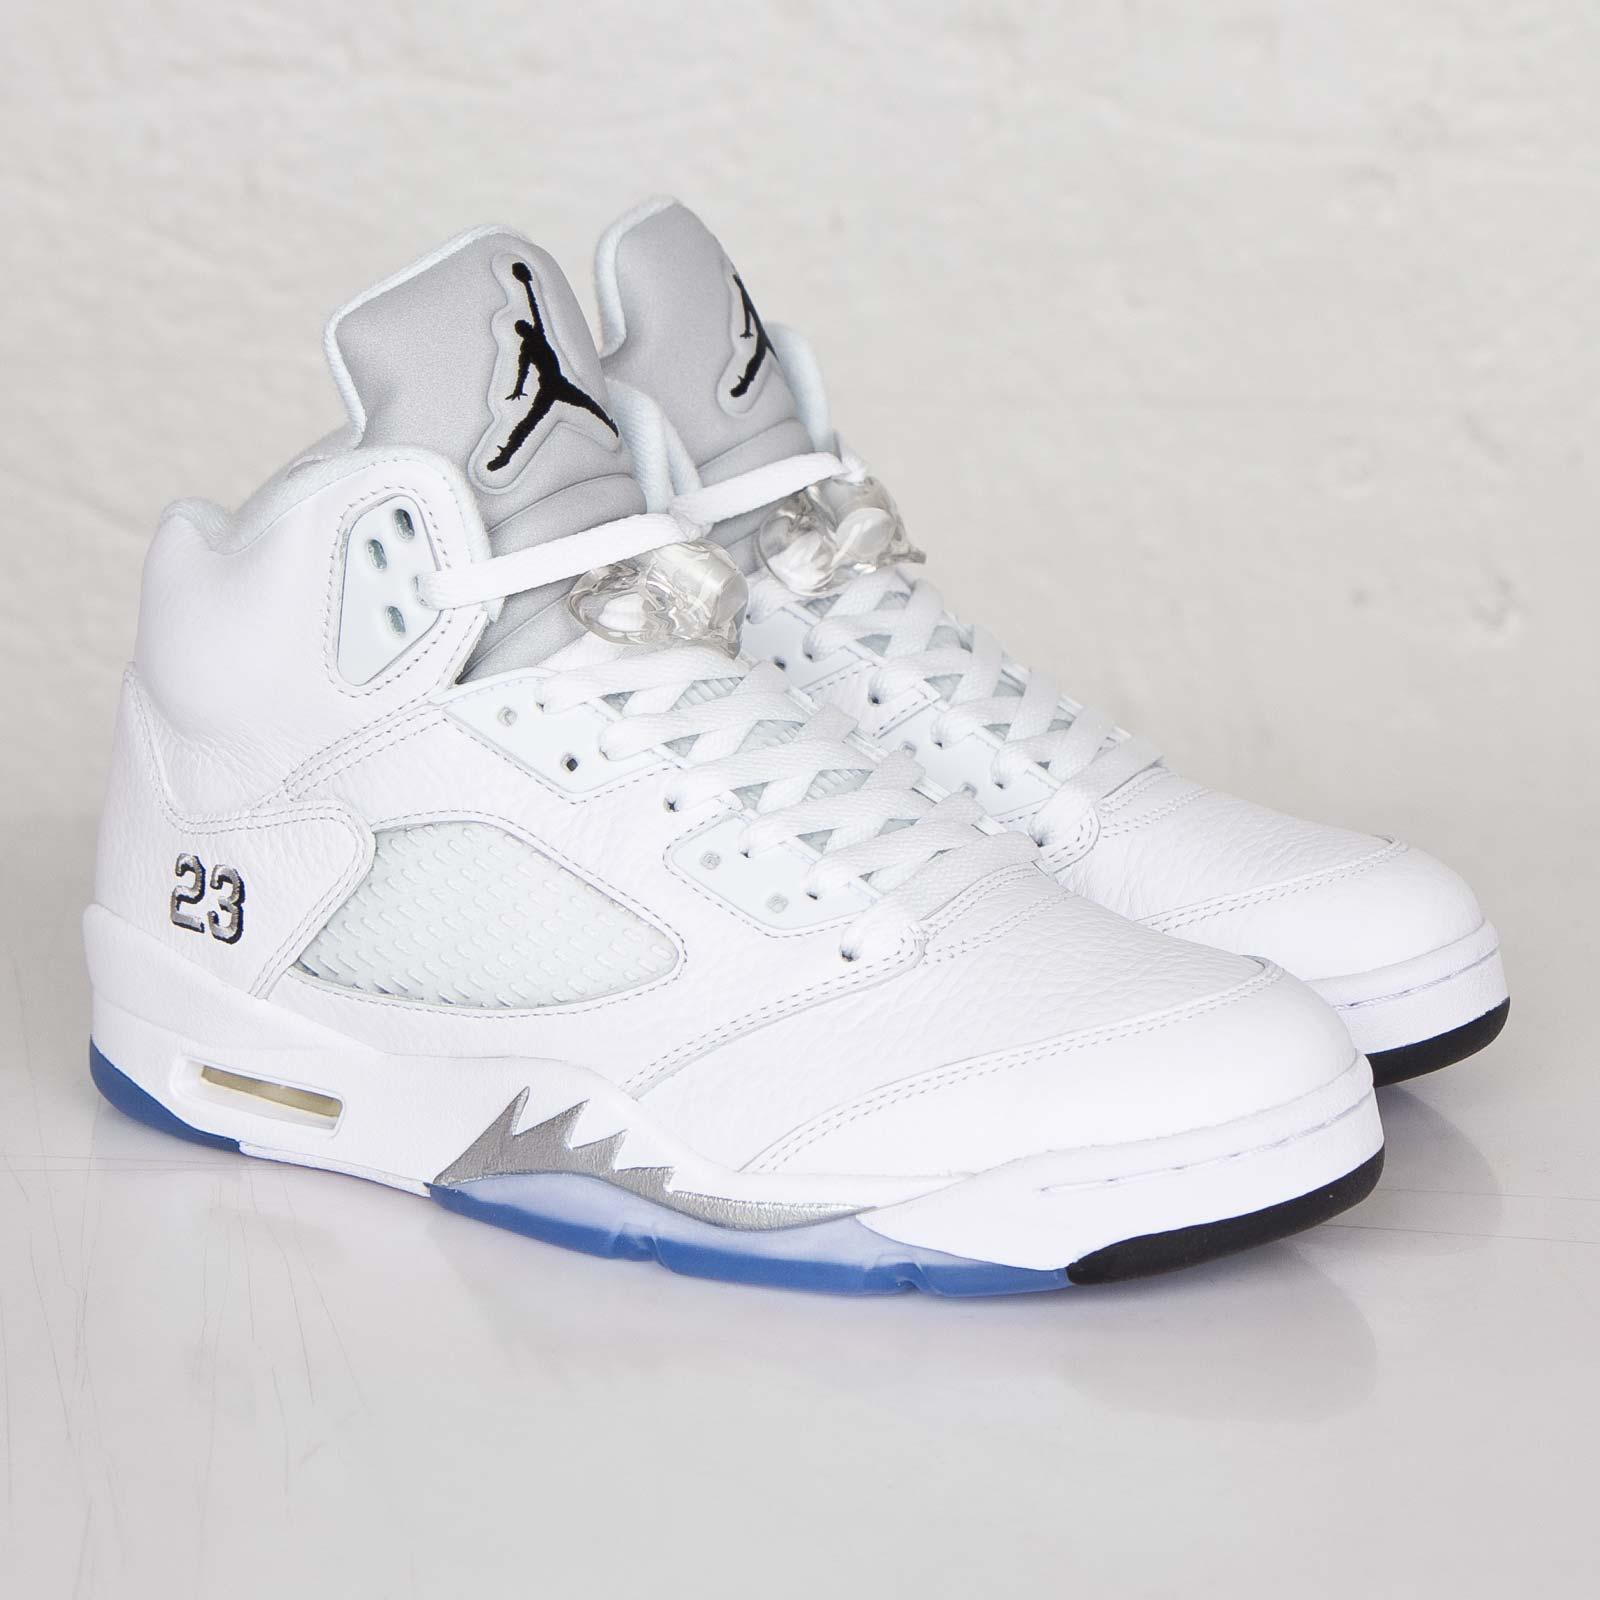 check out 63975 53cd1 Jordan Brand Air Jordan 5 Retro